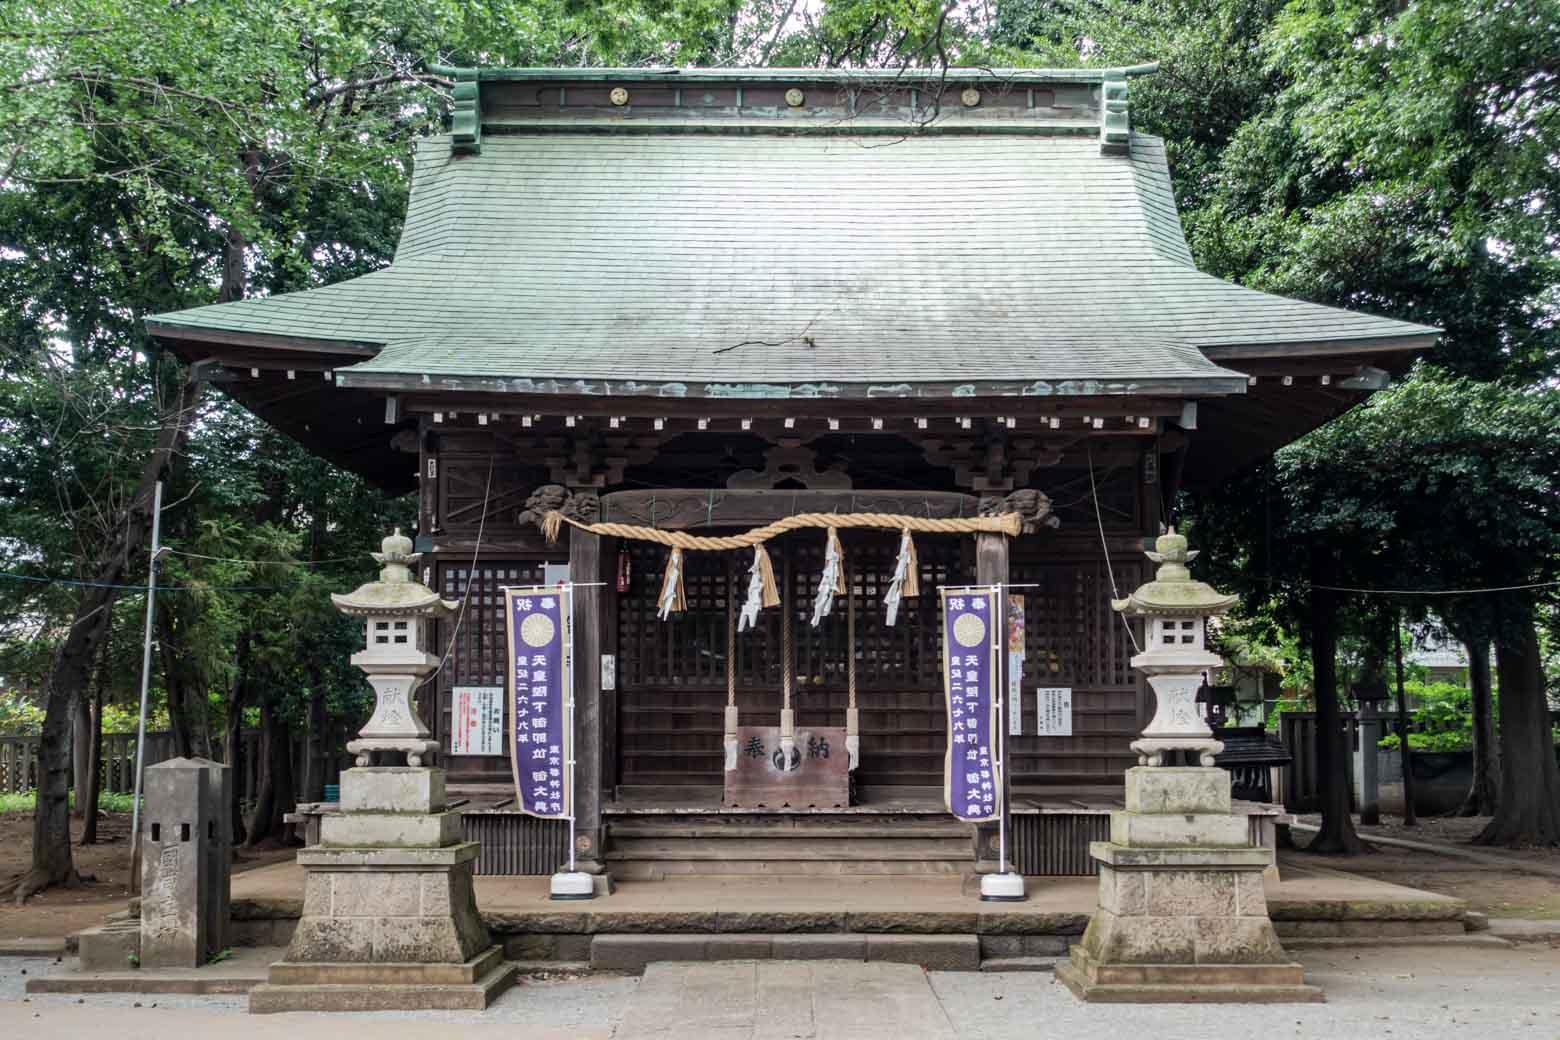 ちなみに、公園の近くには〈祖師谷神明社〉という立派な神社もあります。